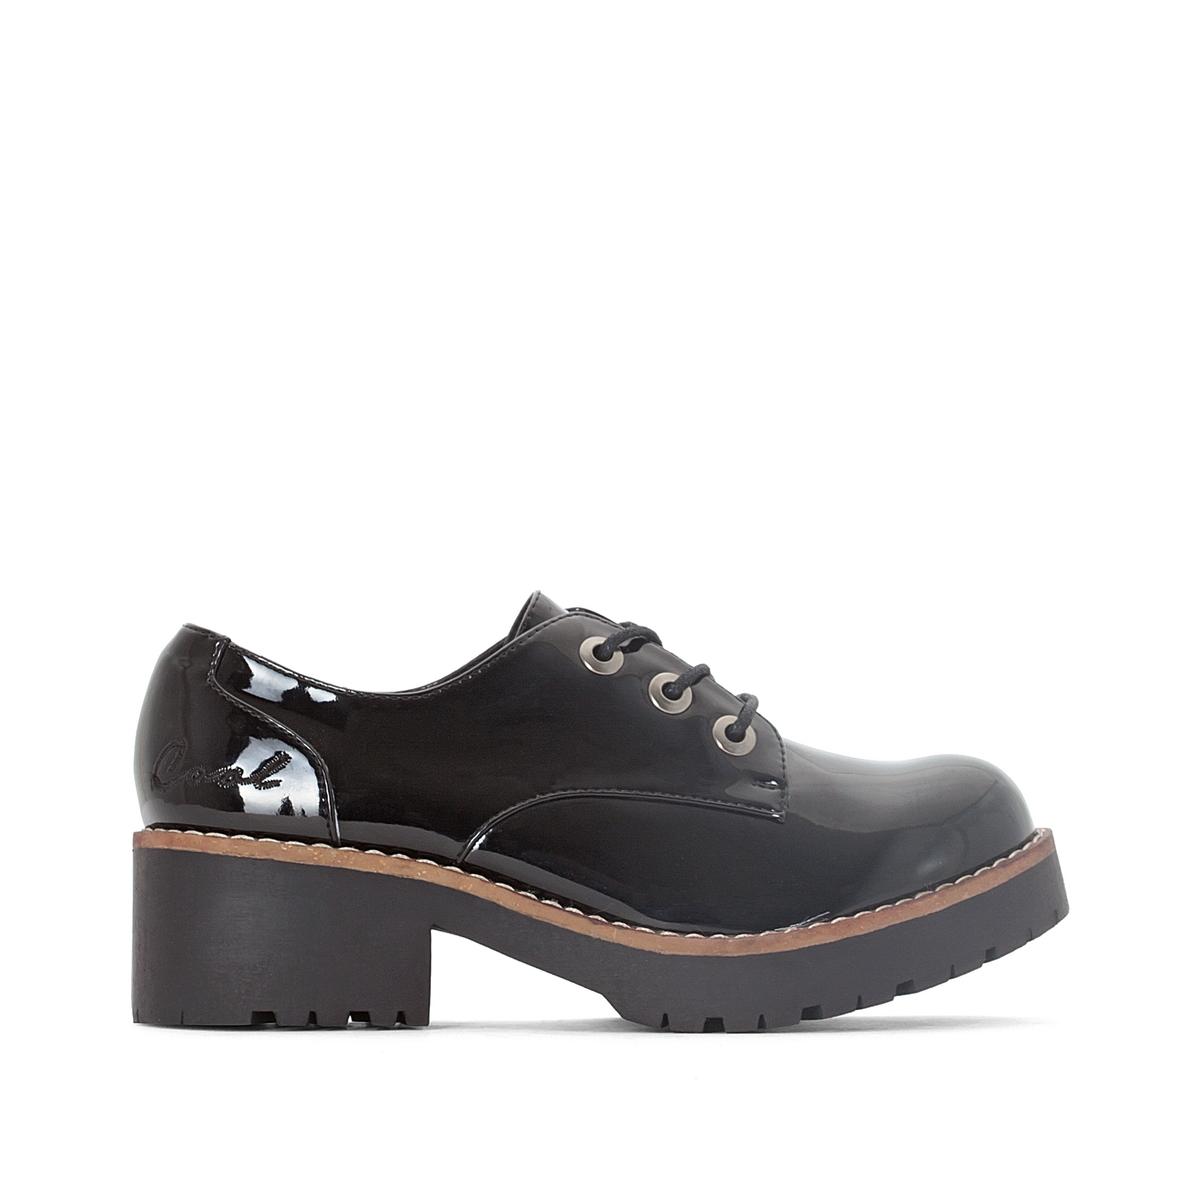 Ботинки-дерби лакированные на каблуке Cherblu